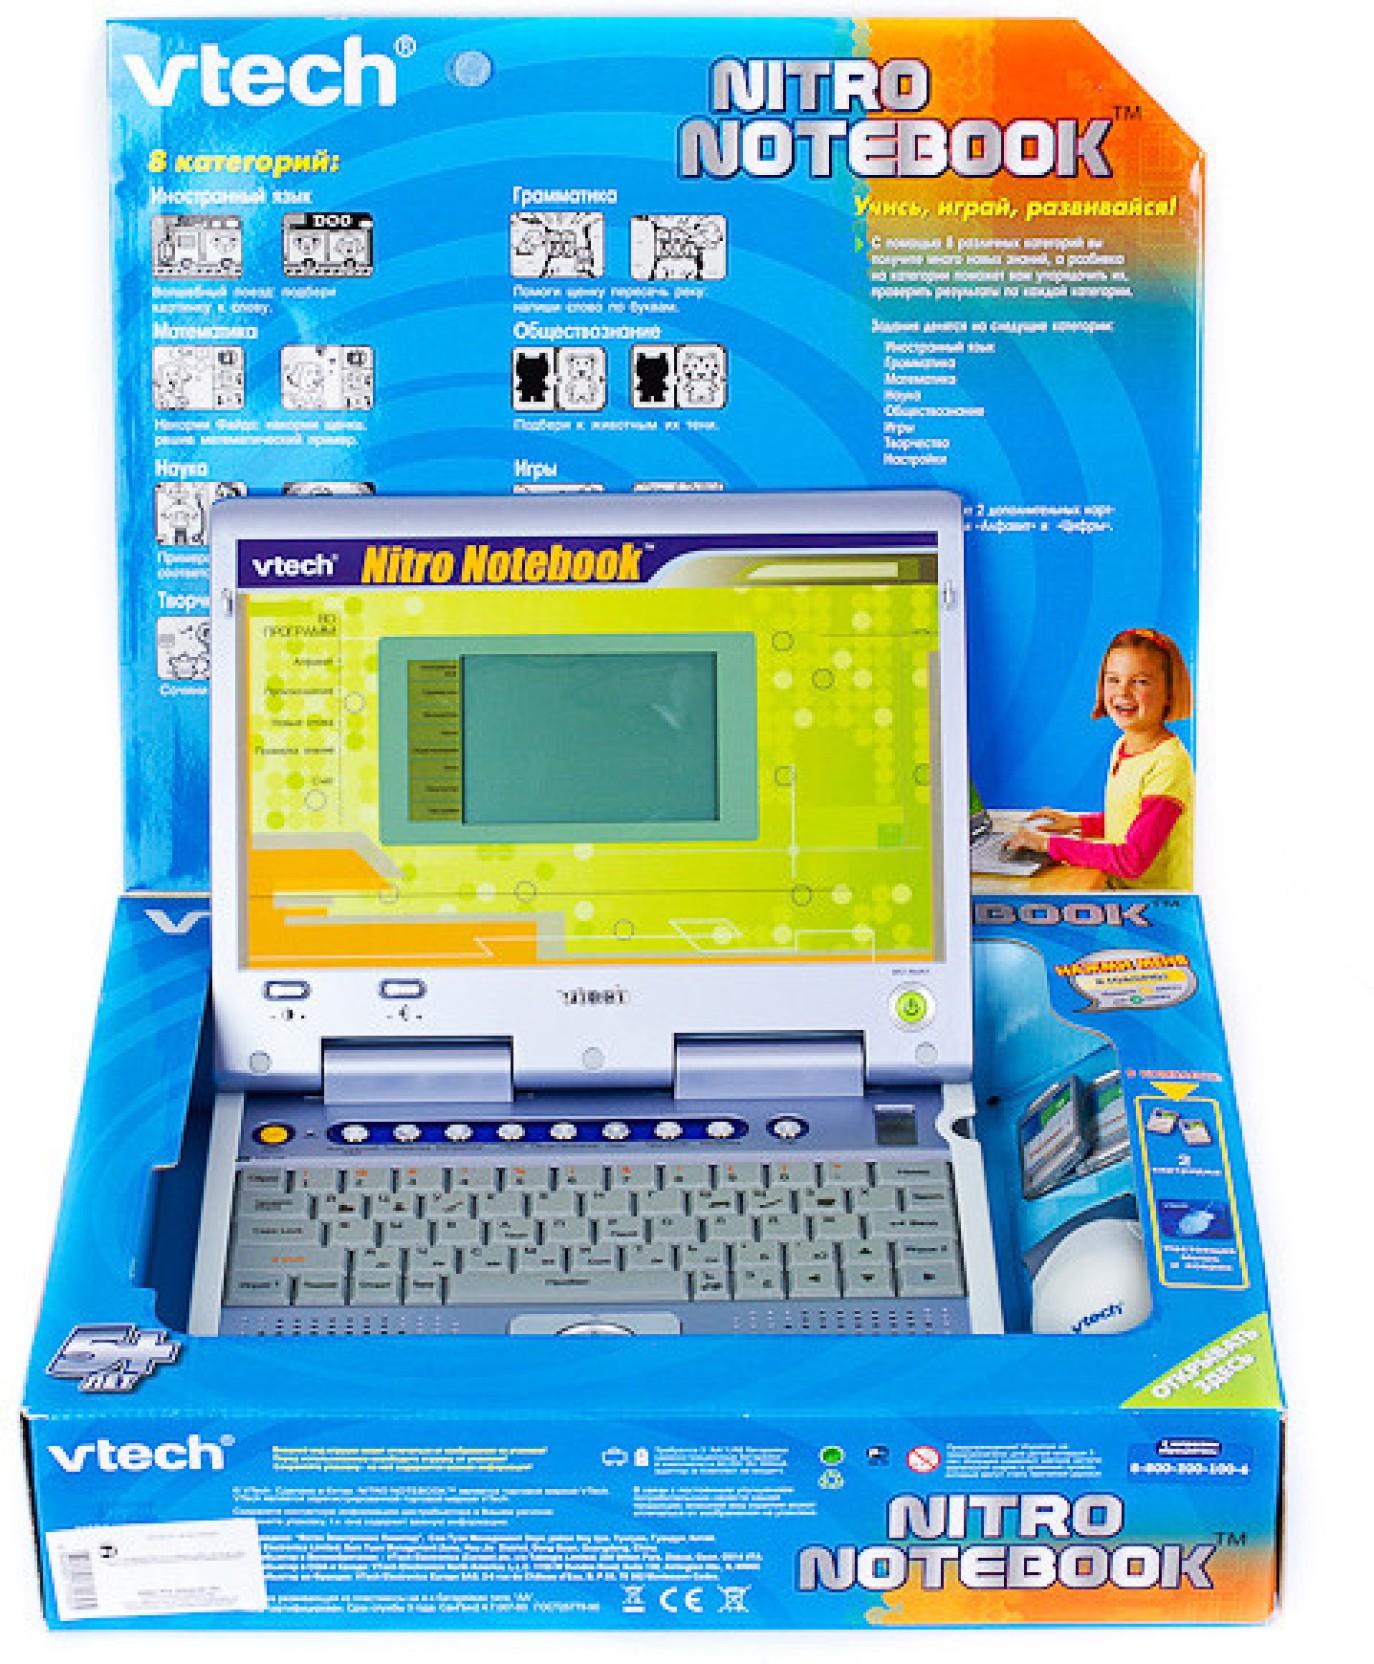 Wonderbaarlijk VTech Nitro Jr. Notebook Price in India - Buy VTech Nitro Jr EW-09